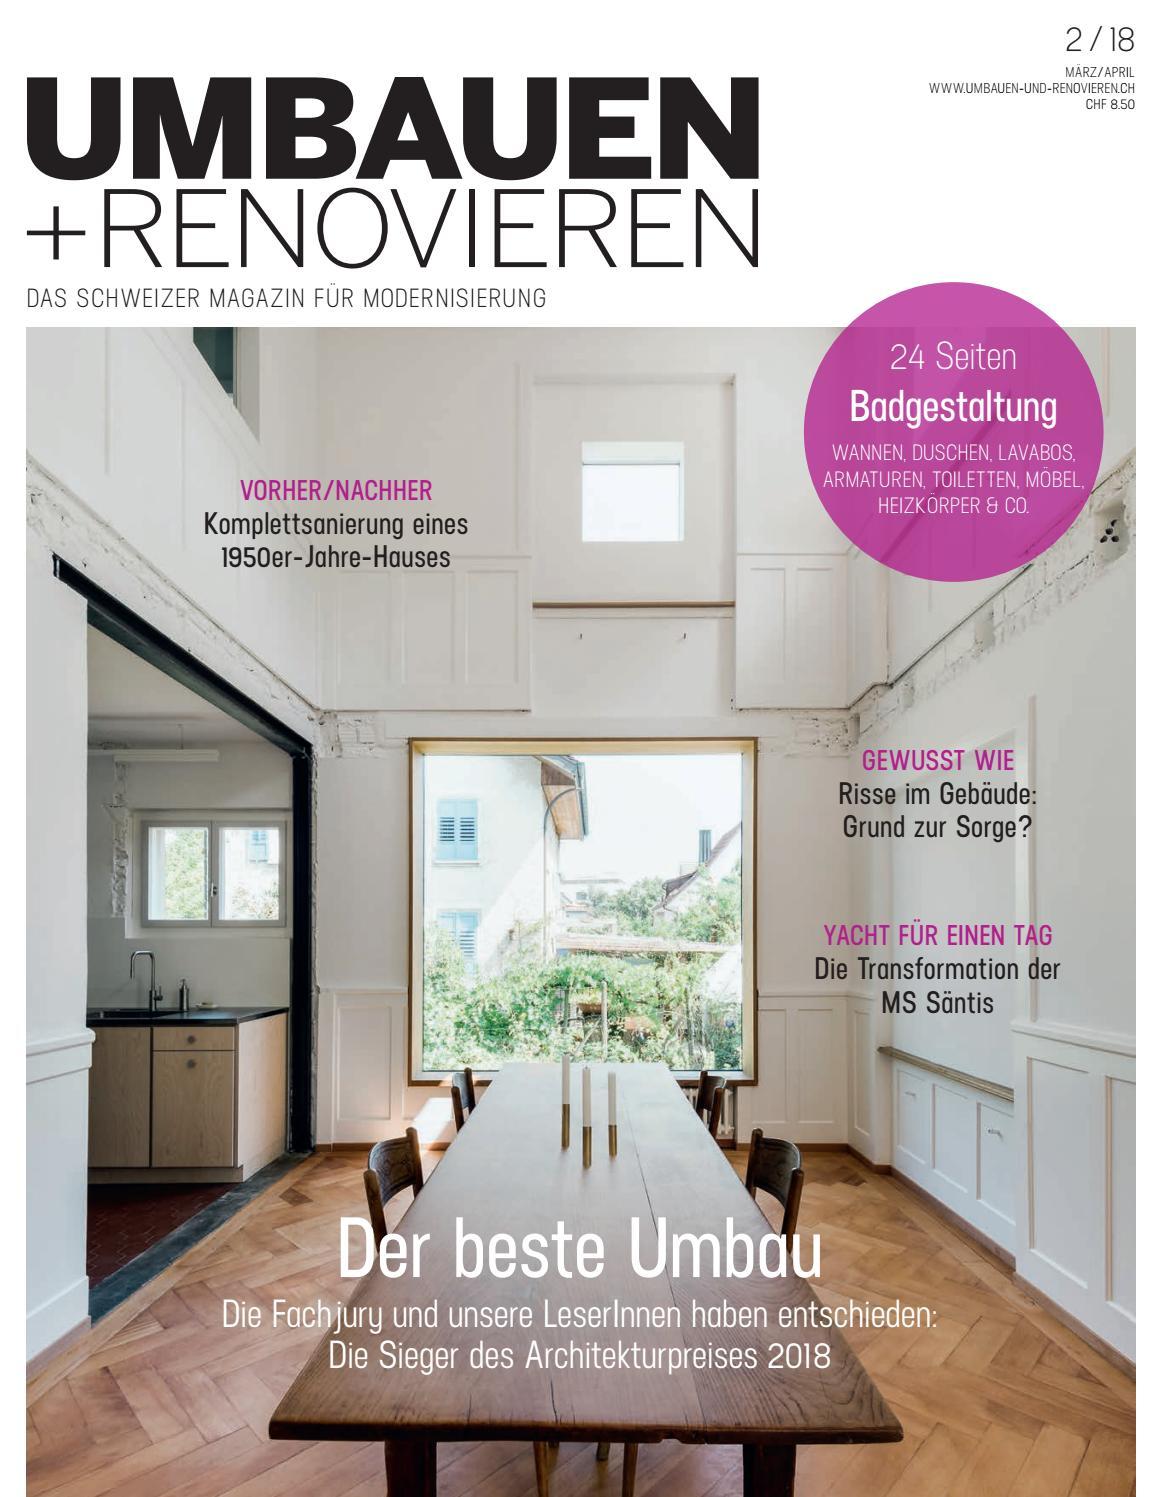 UMBAUEN + RENOVIEREN 02/2018 by Archithema Verlag - issuu